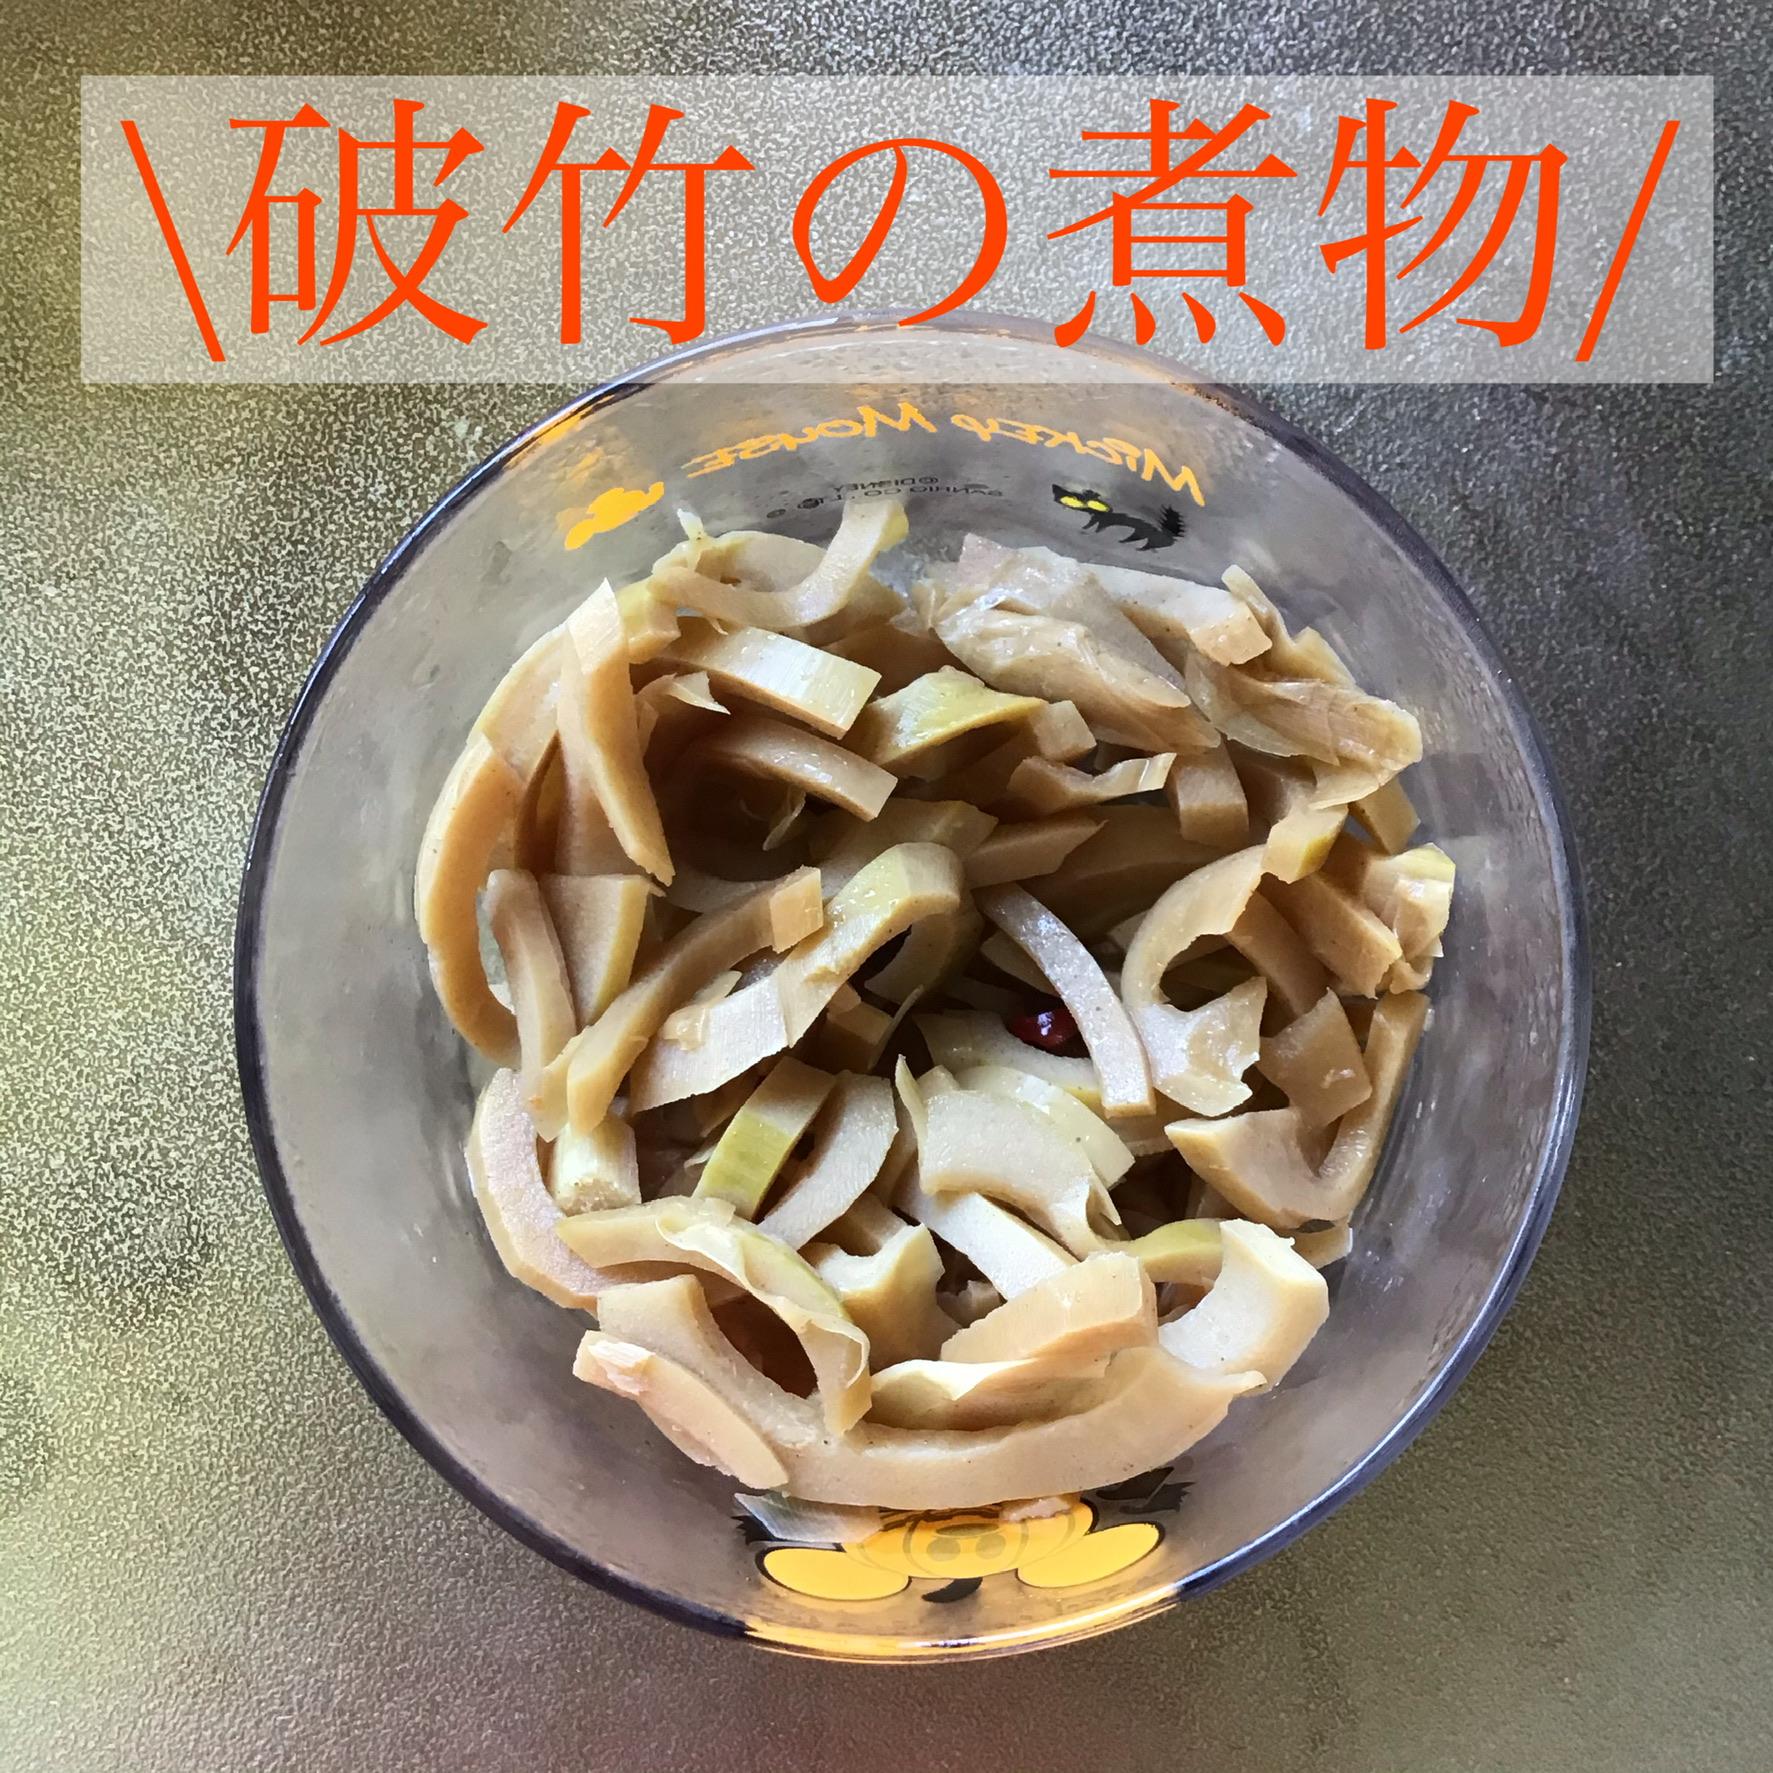 「ふき」と「破竹」を調理してみた イメージ